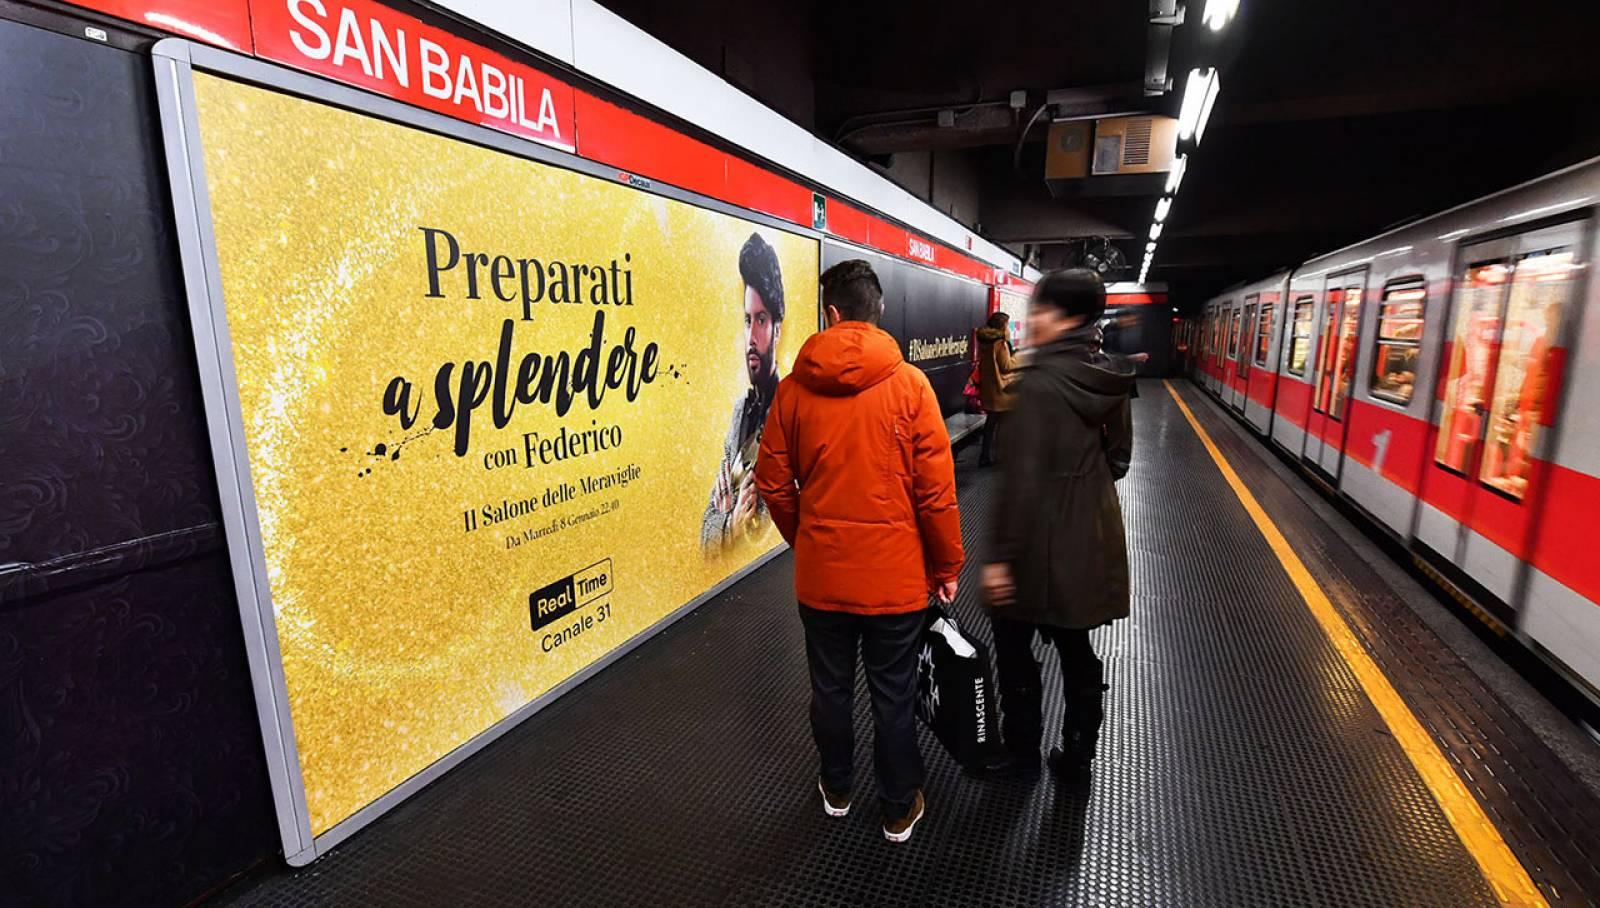 Pubblicità in metropolitana IGPDecaux Milano station domination per Discovery Channel